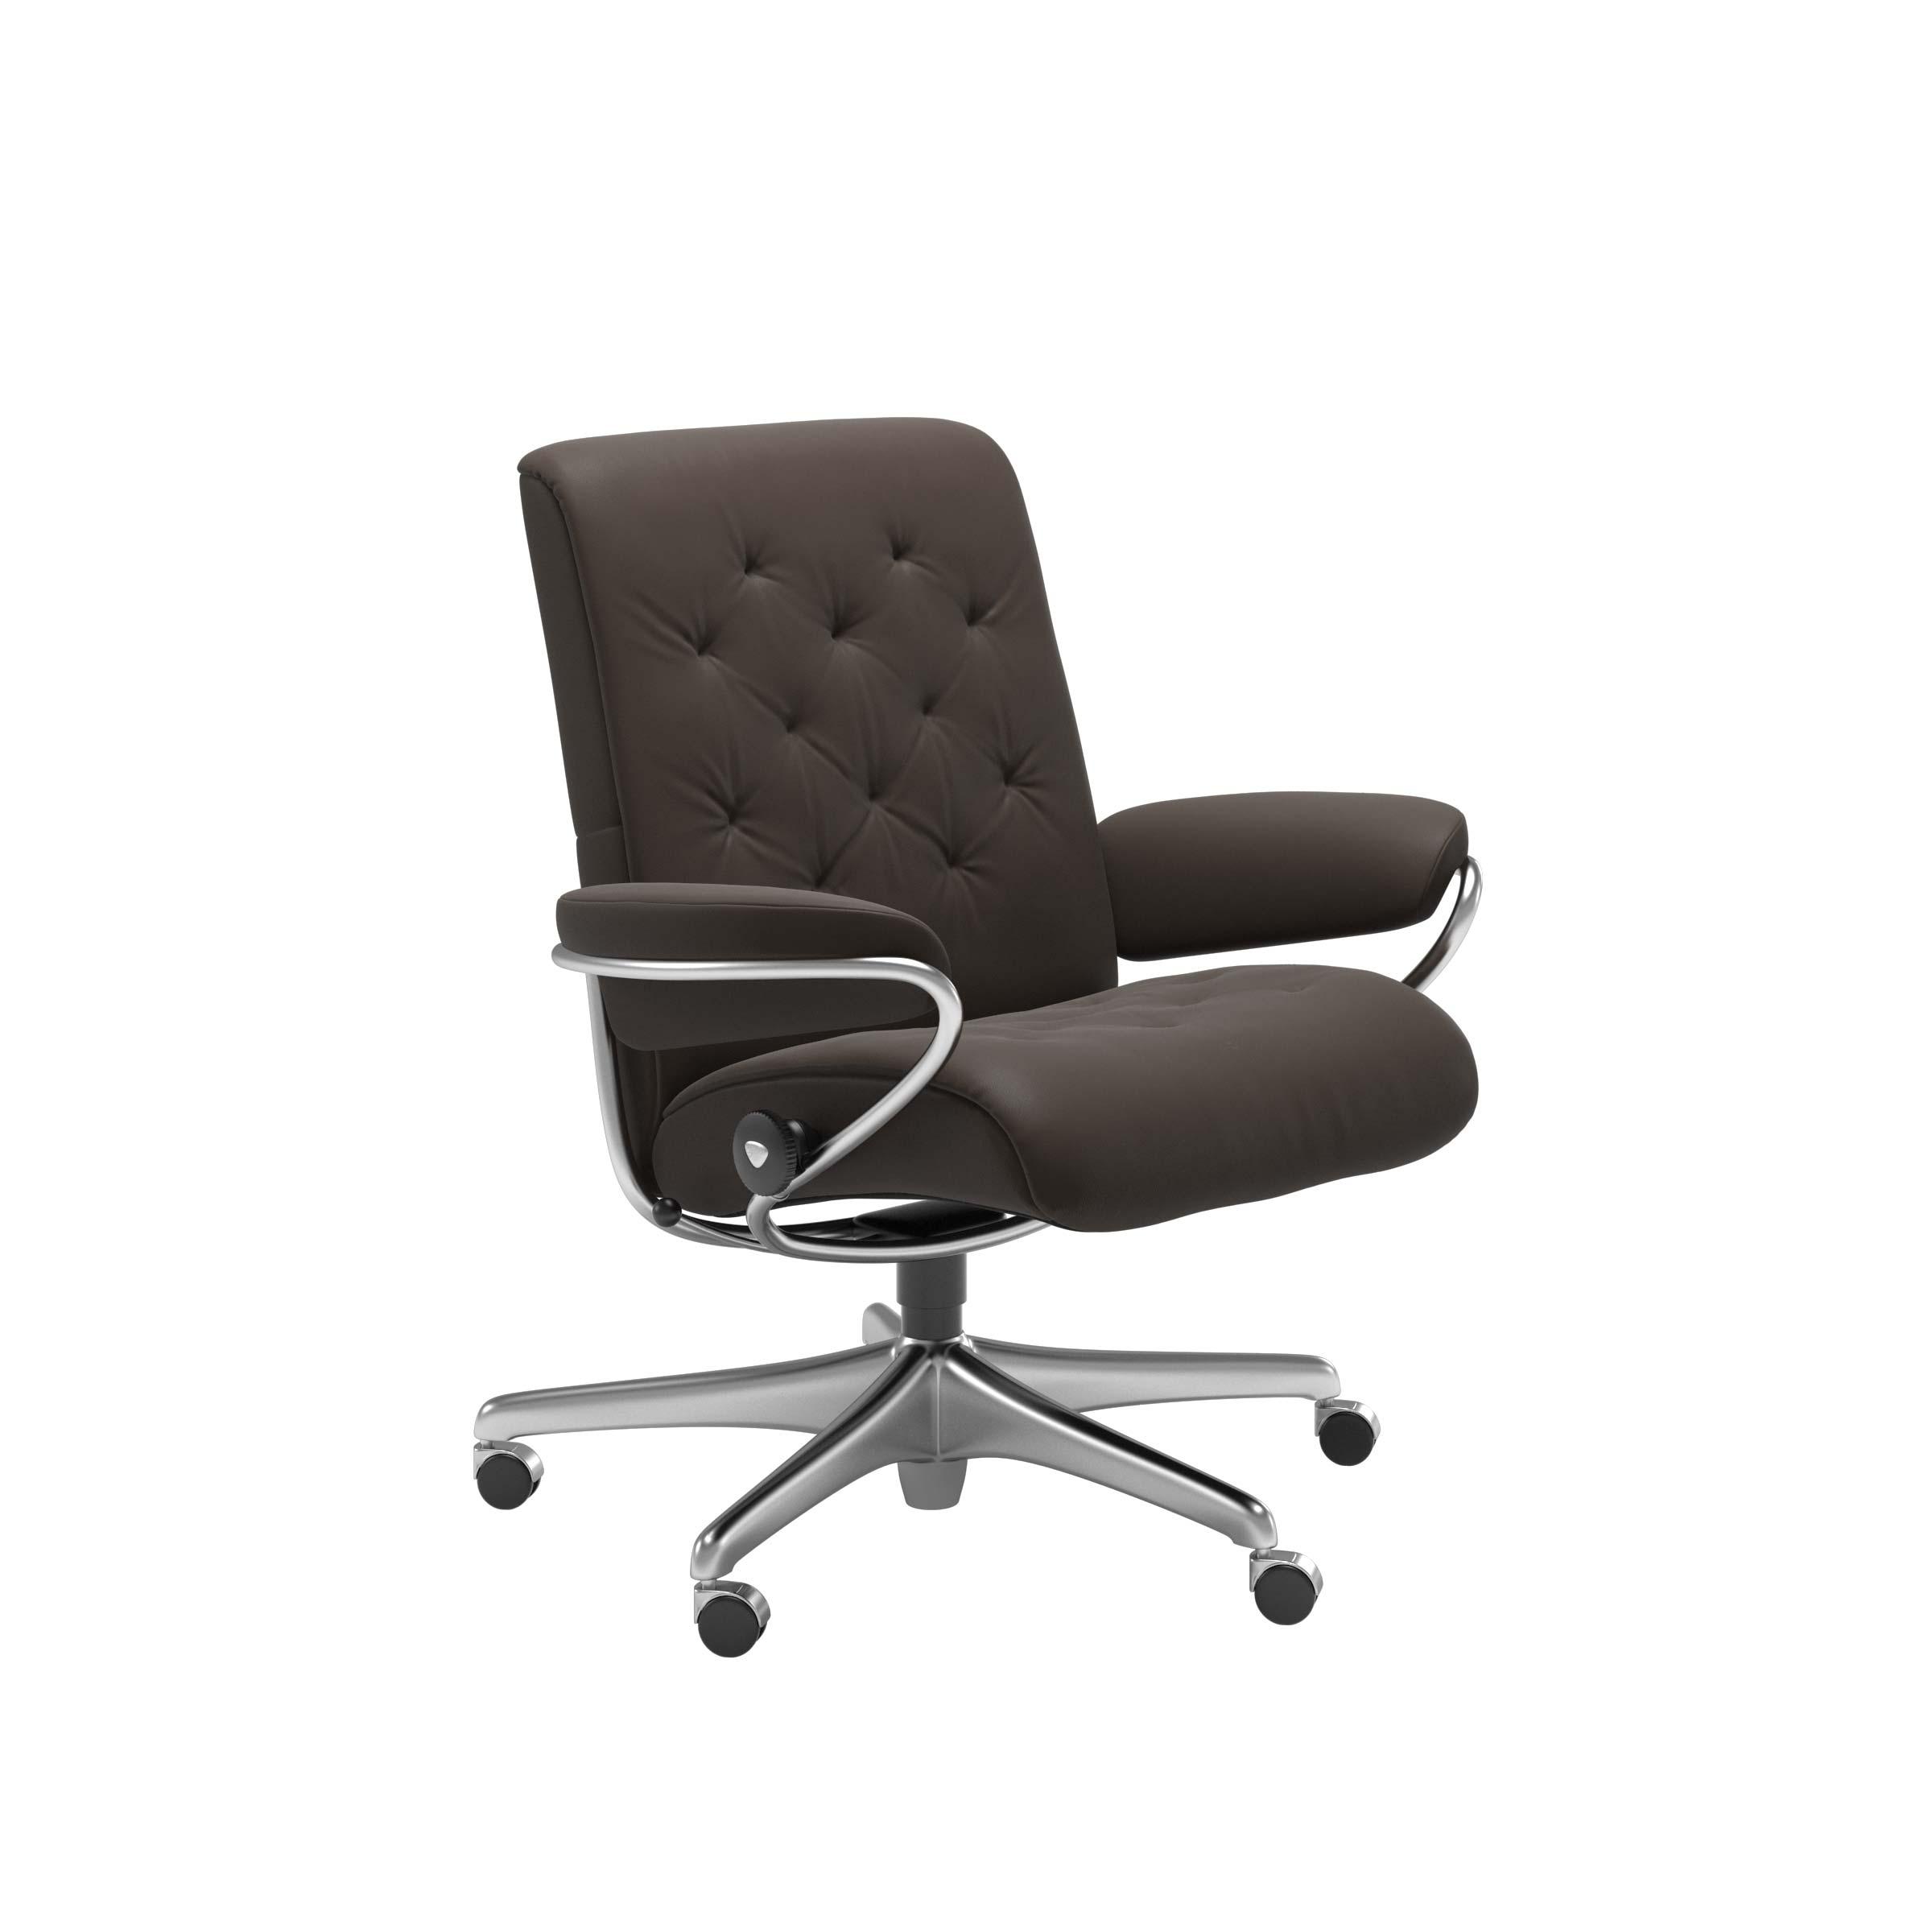 Stressless® Sessel Metro Low Back, Home Office, Leder Batick brown